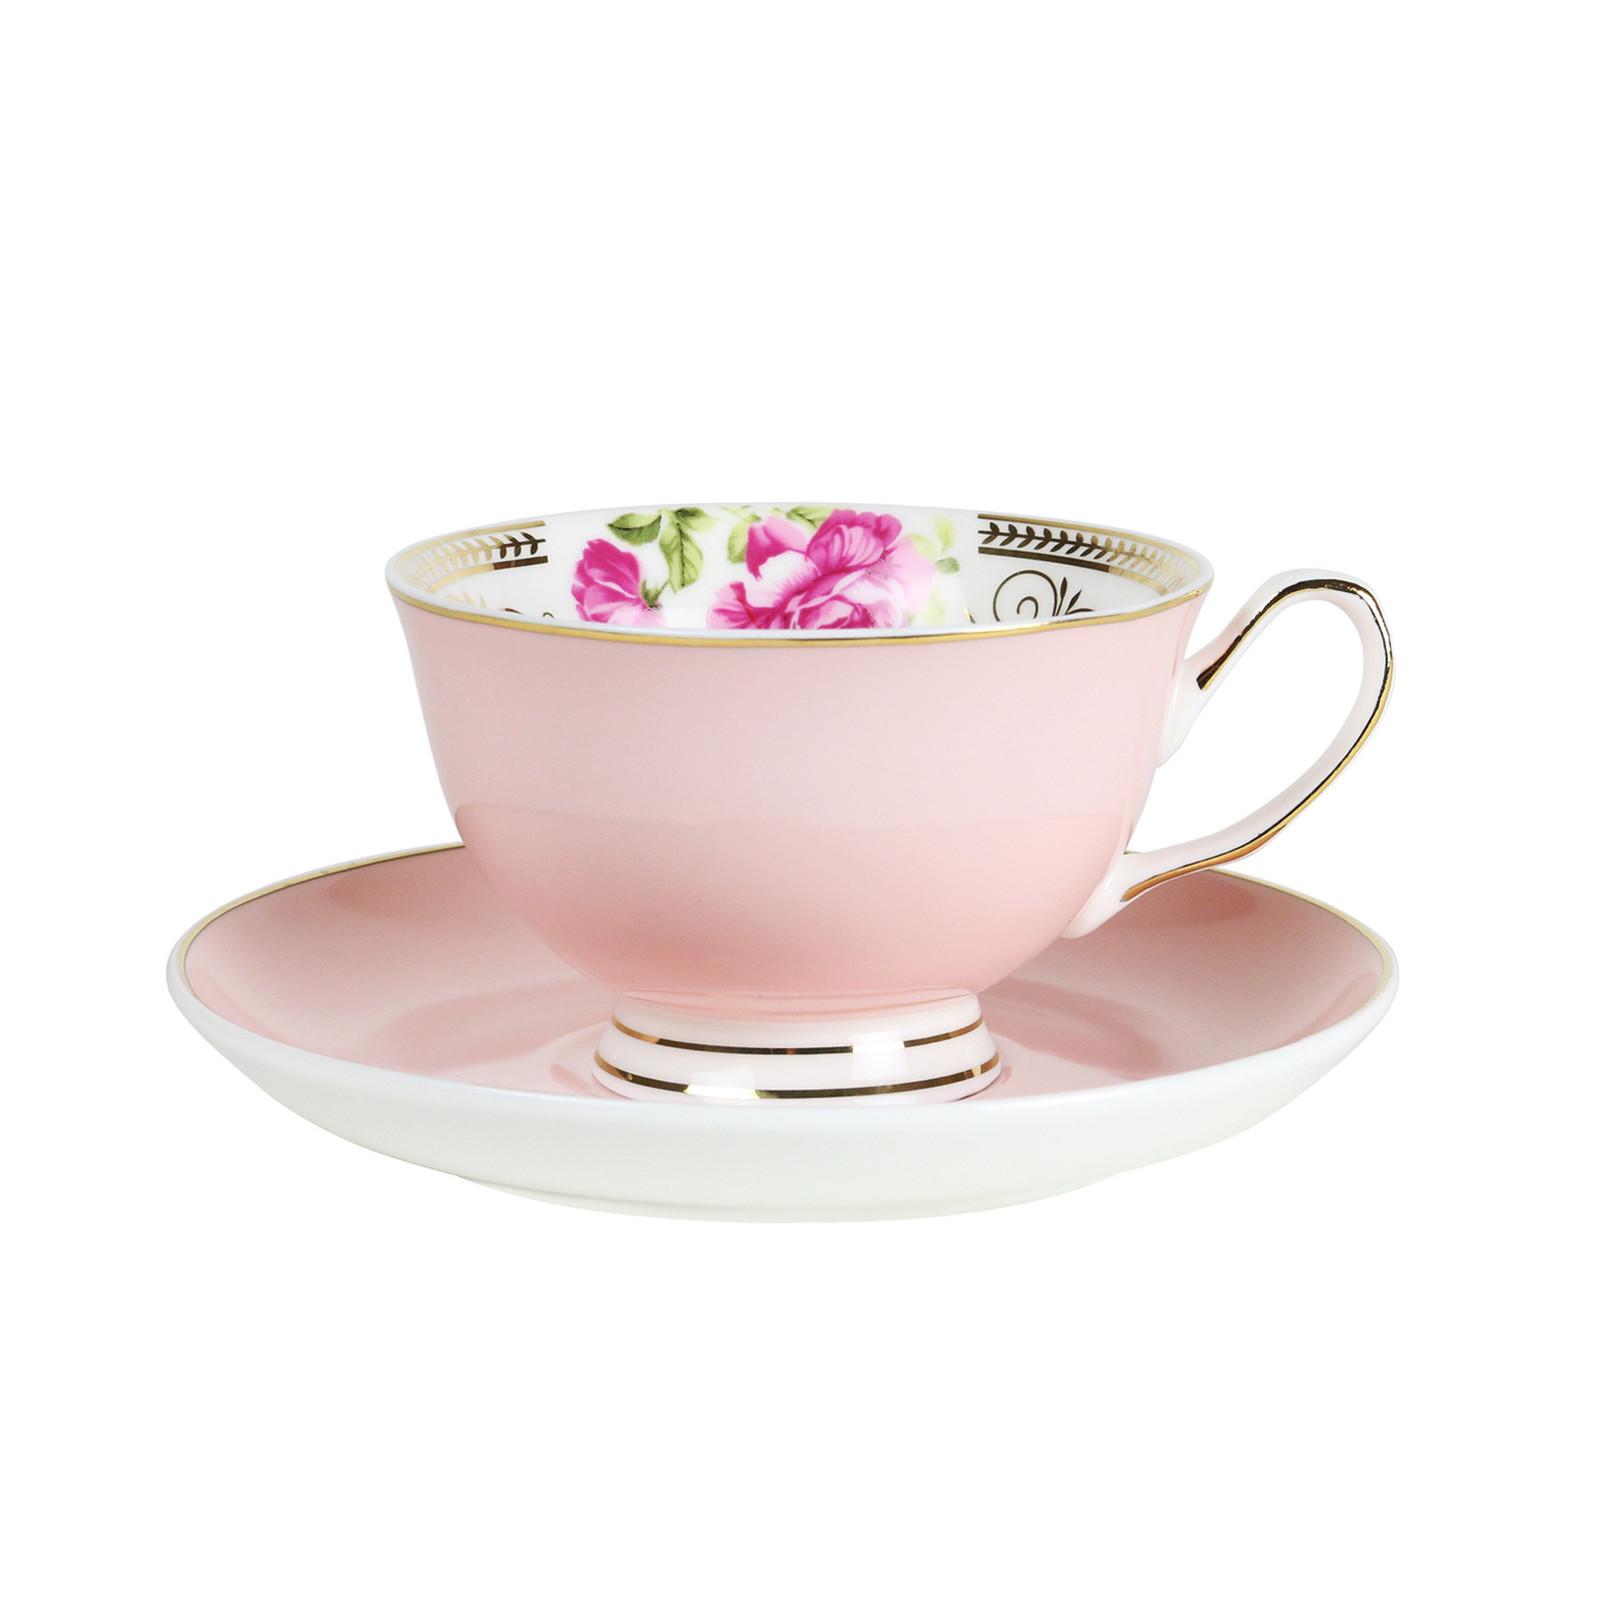 Robert Gordon: Teacup & Saucer (Parlour Pink) image